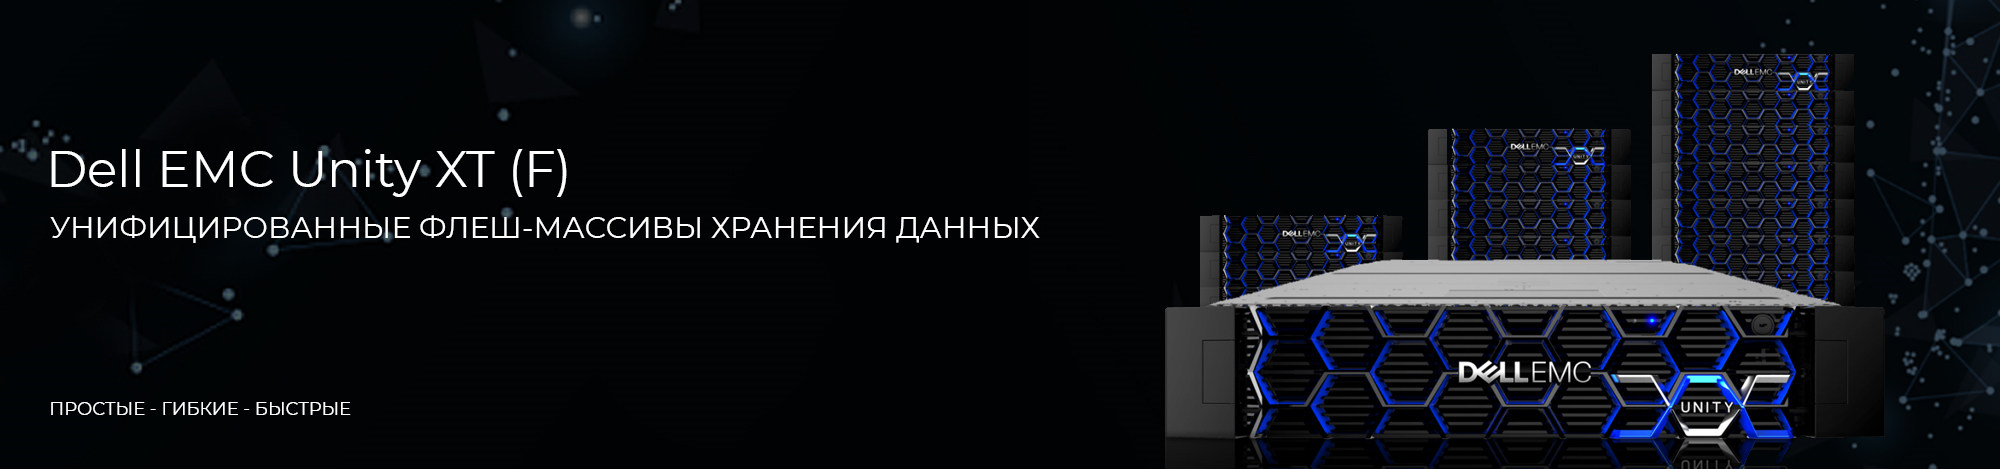 Унифицированные-флеш-массивы-хранения-данных-Dell-Unity-XT